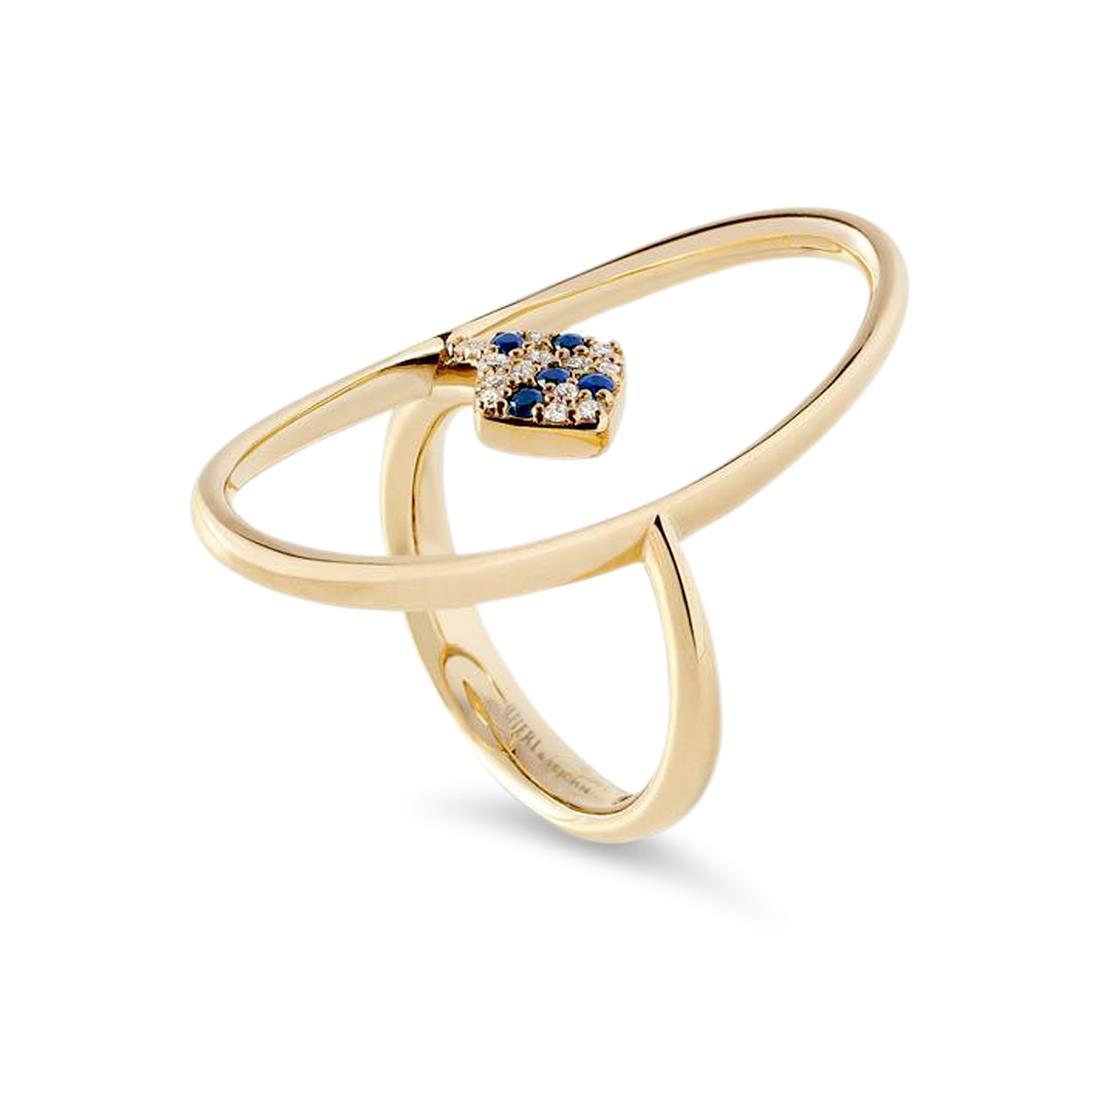 Anello con diamanti e zaffiri - ALFIERI & ST. JOHN